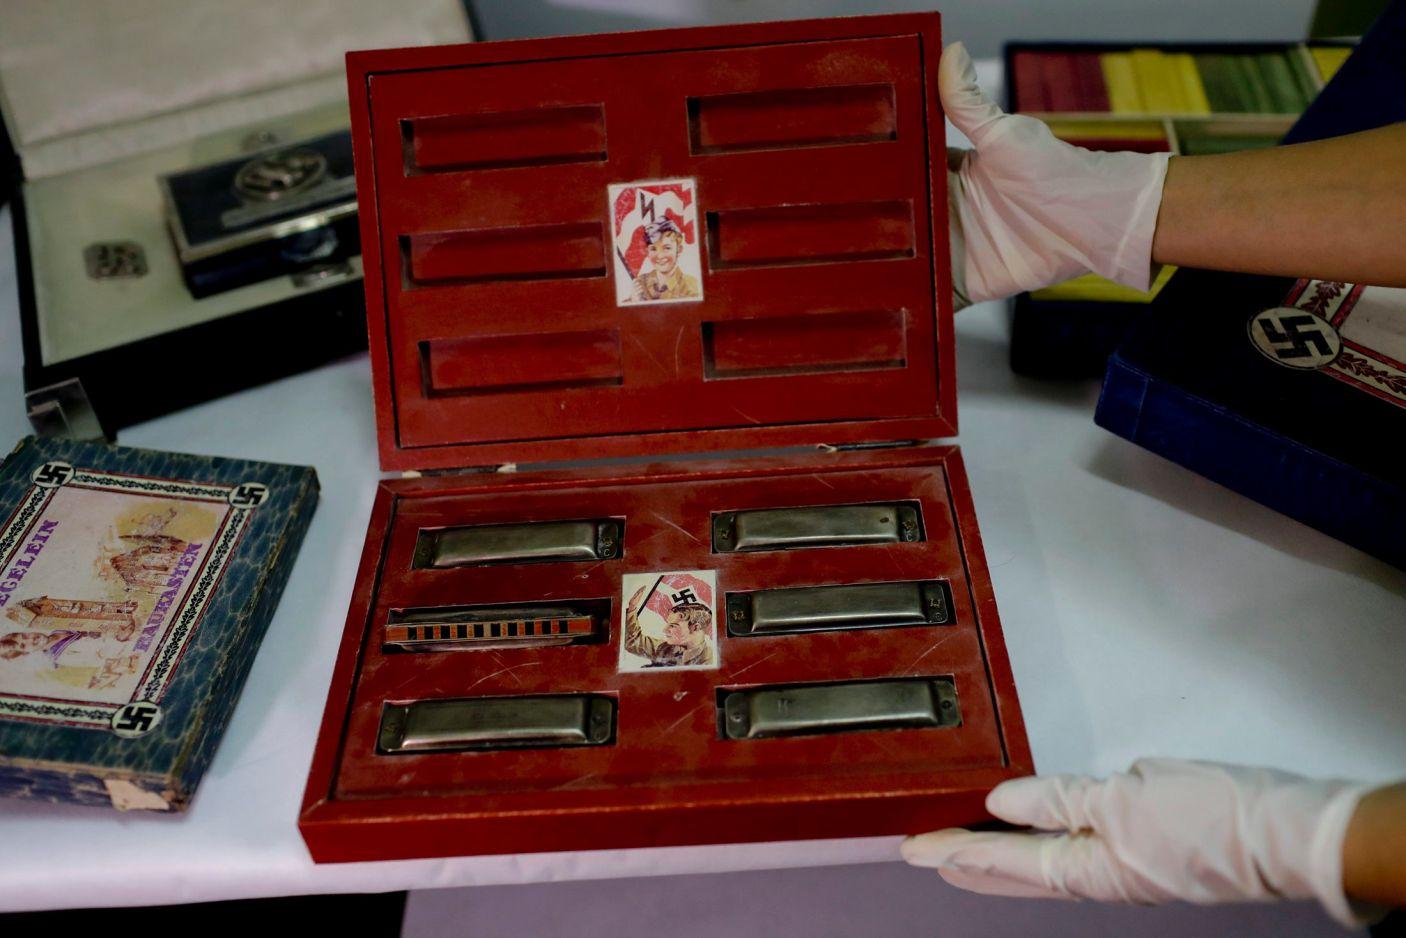 Коробка и набор детских гармоник, украшенные пропагандистскими наклейками